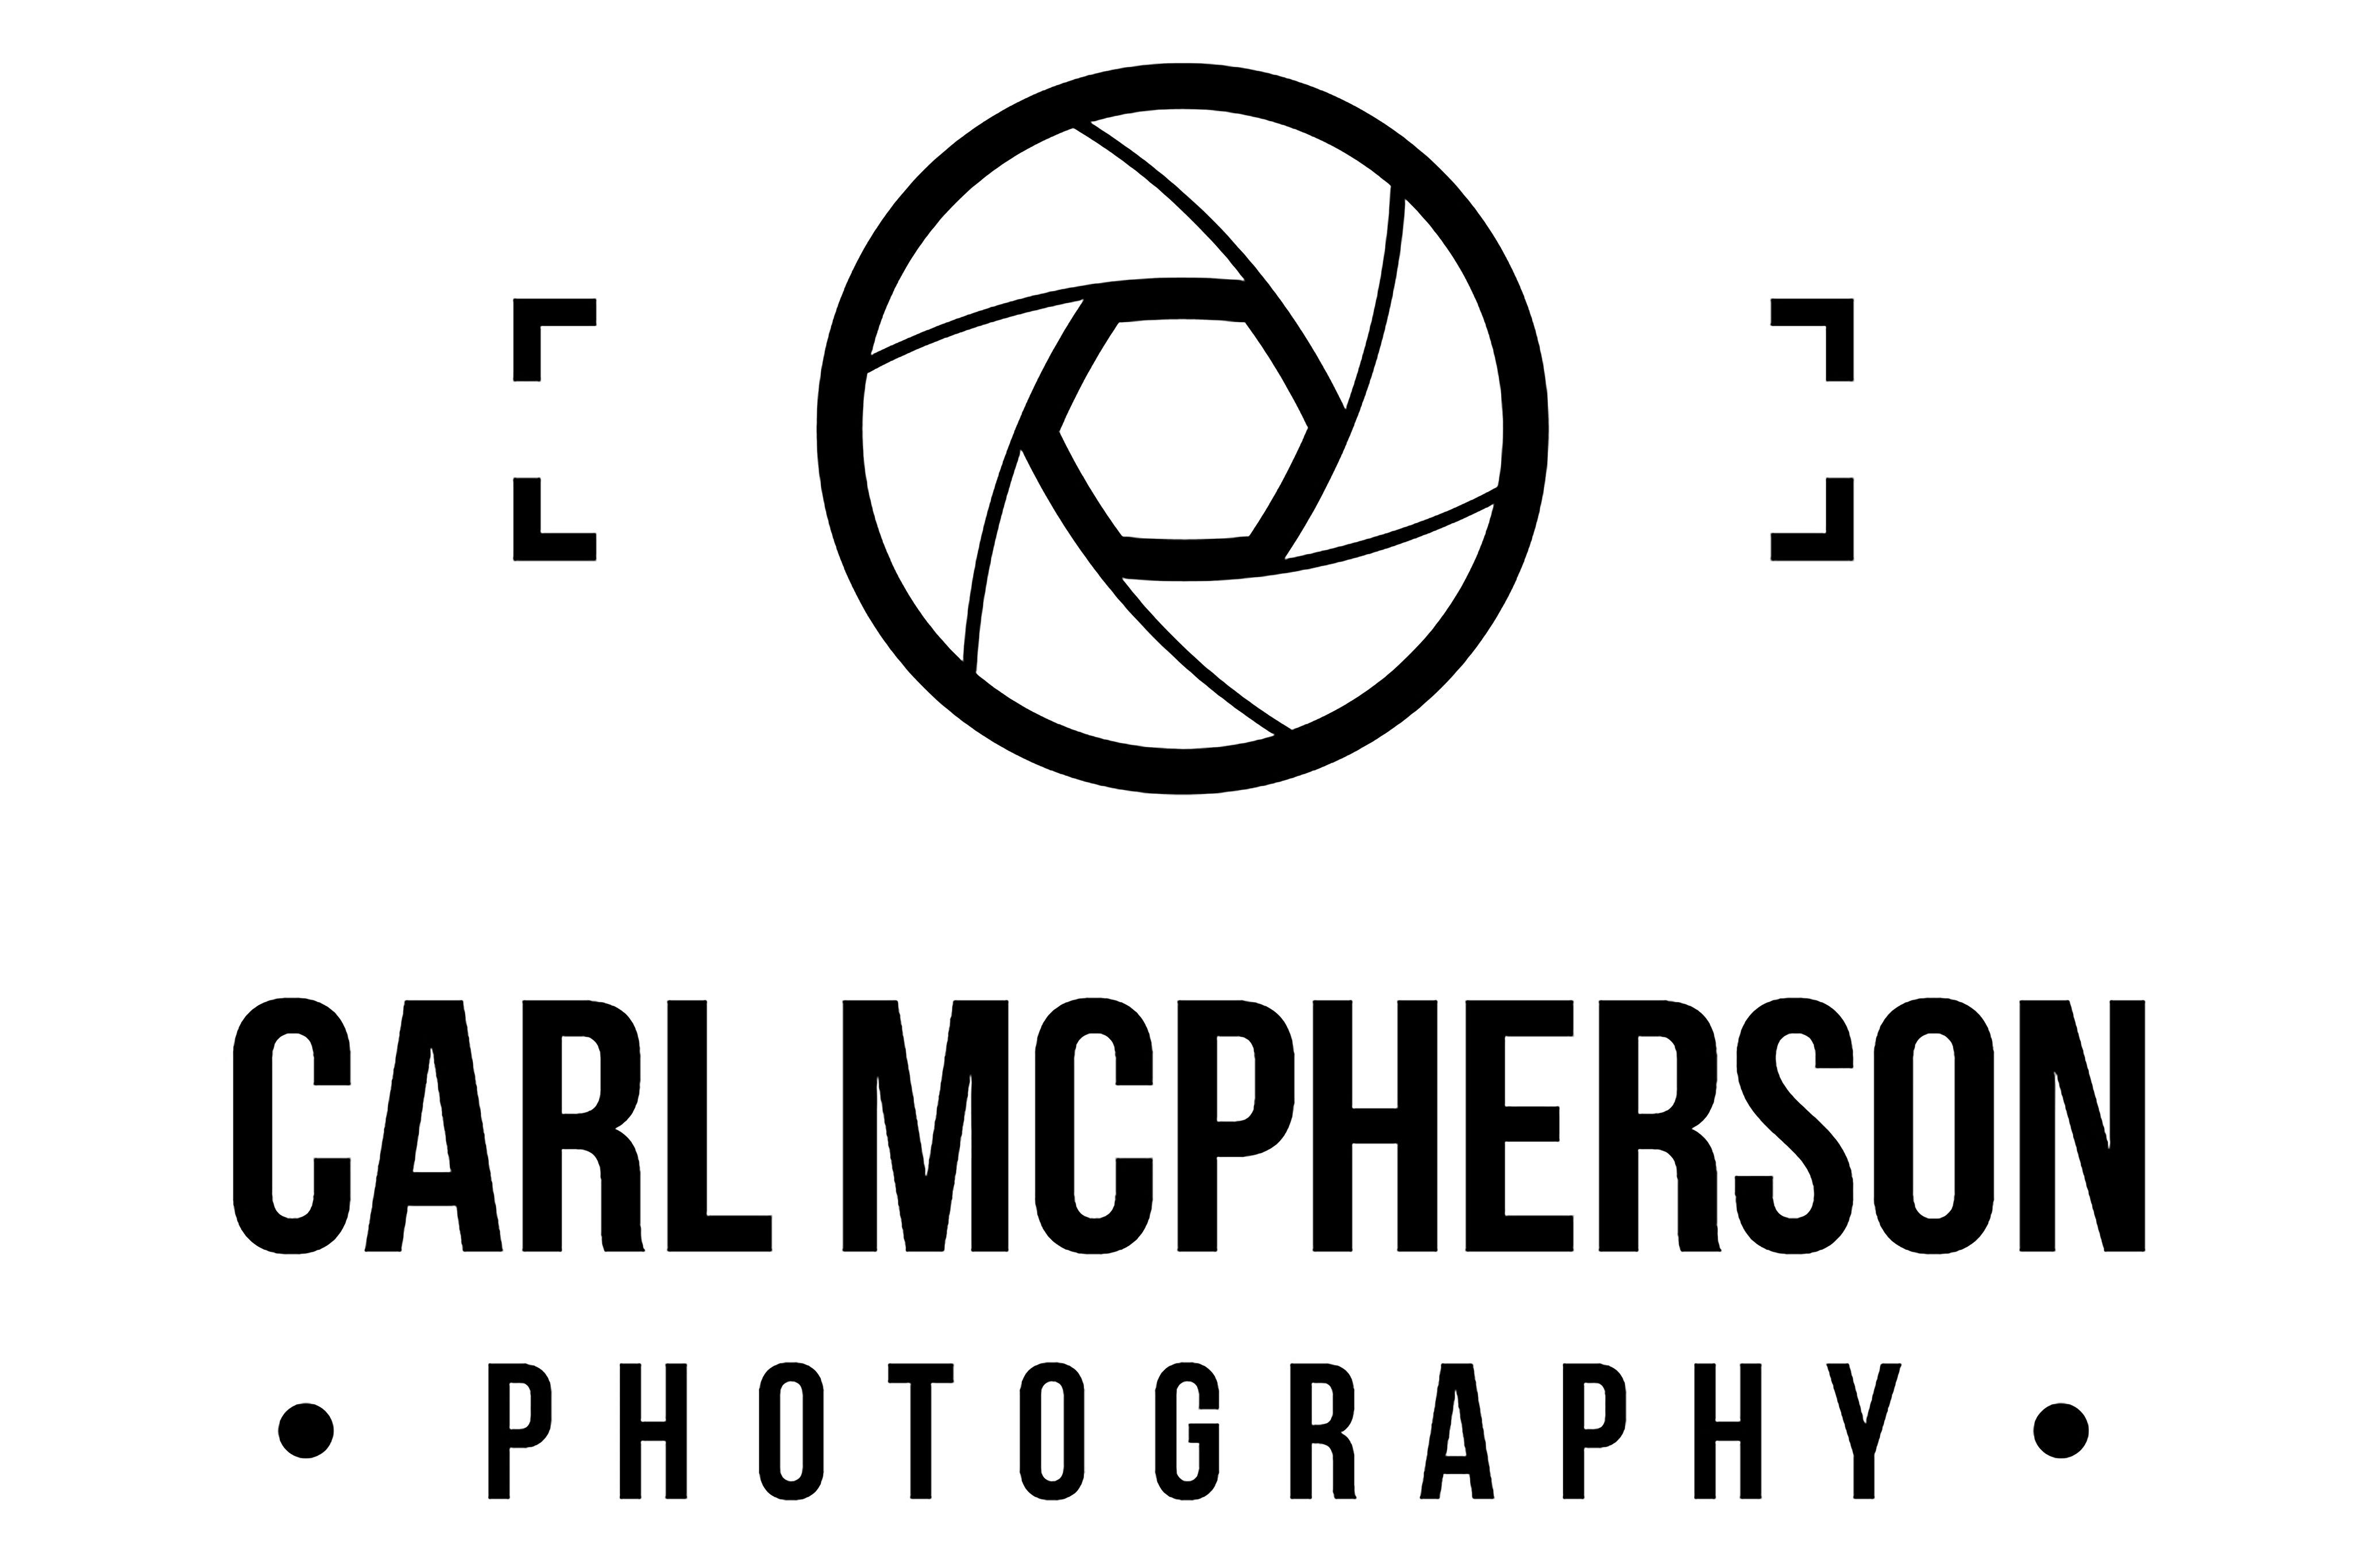 Carl McPherson